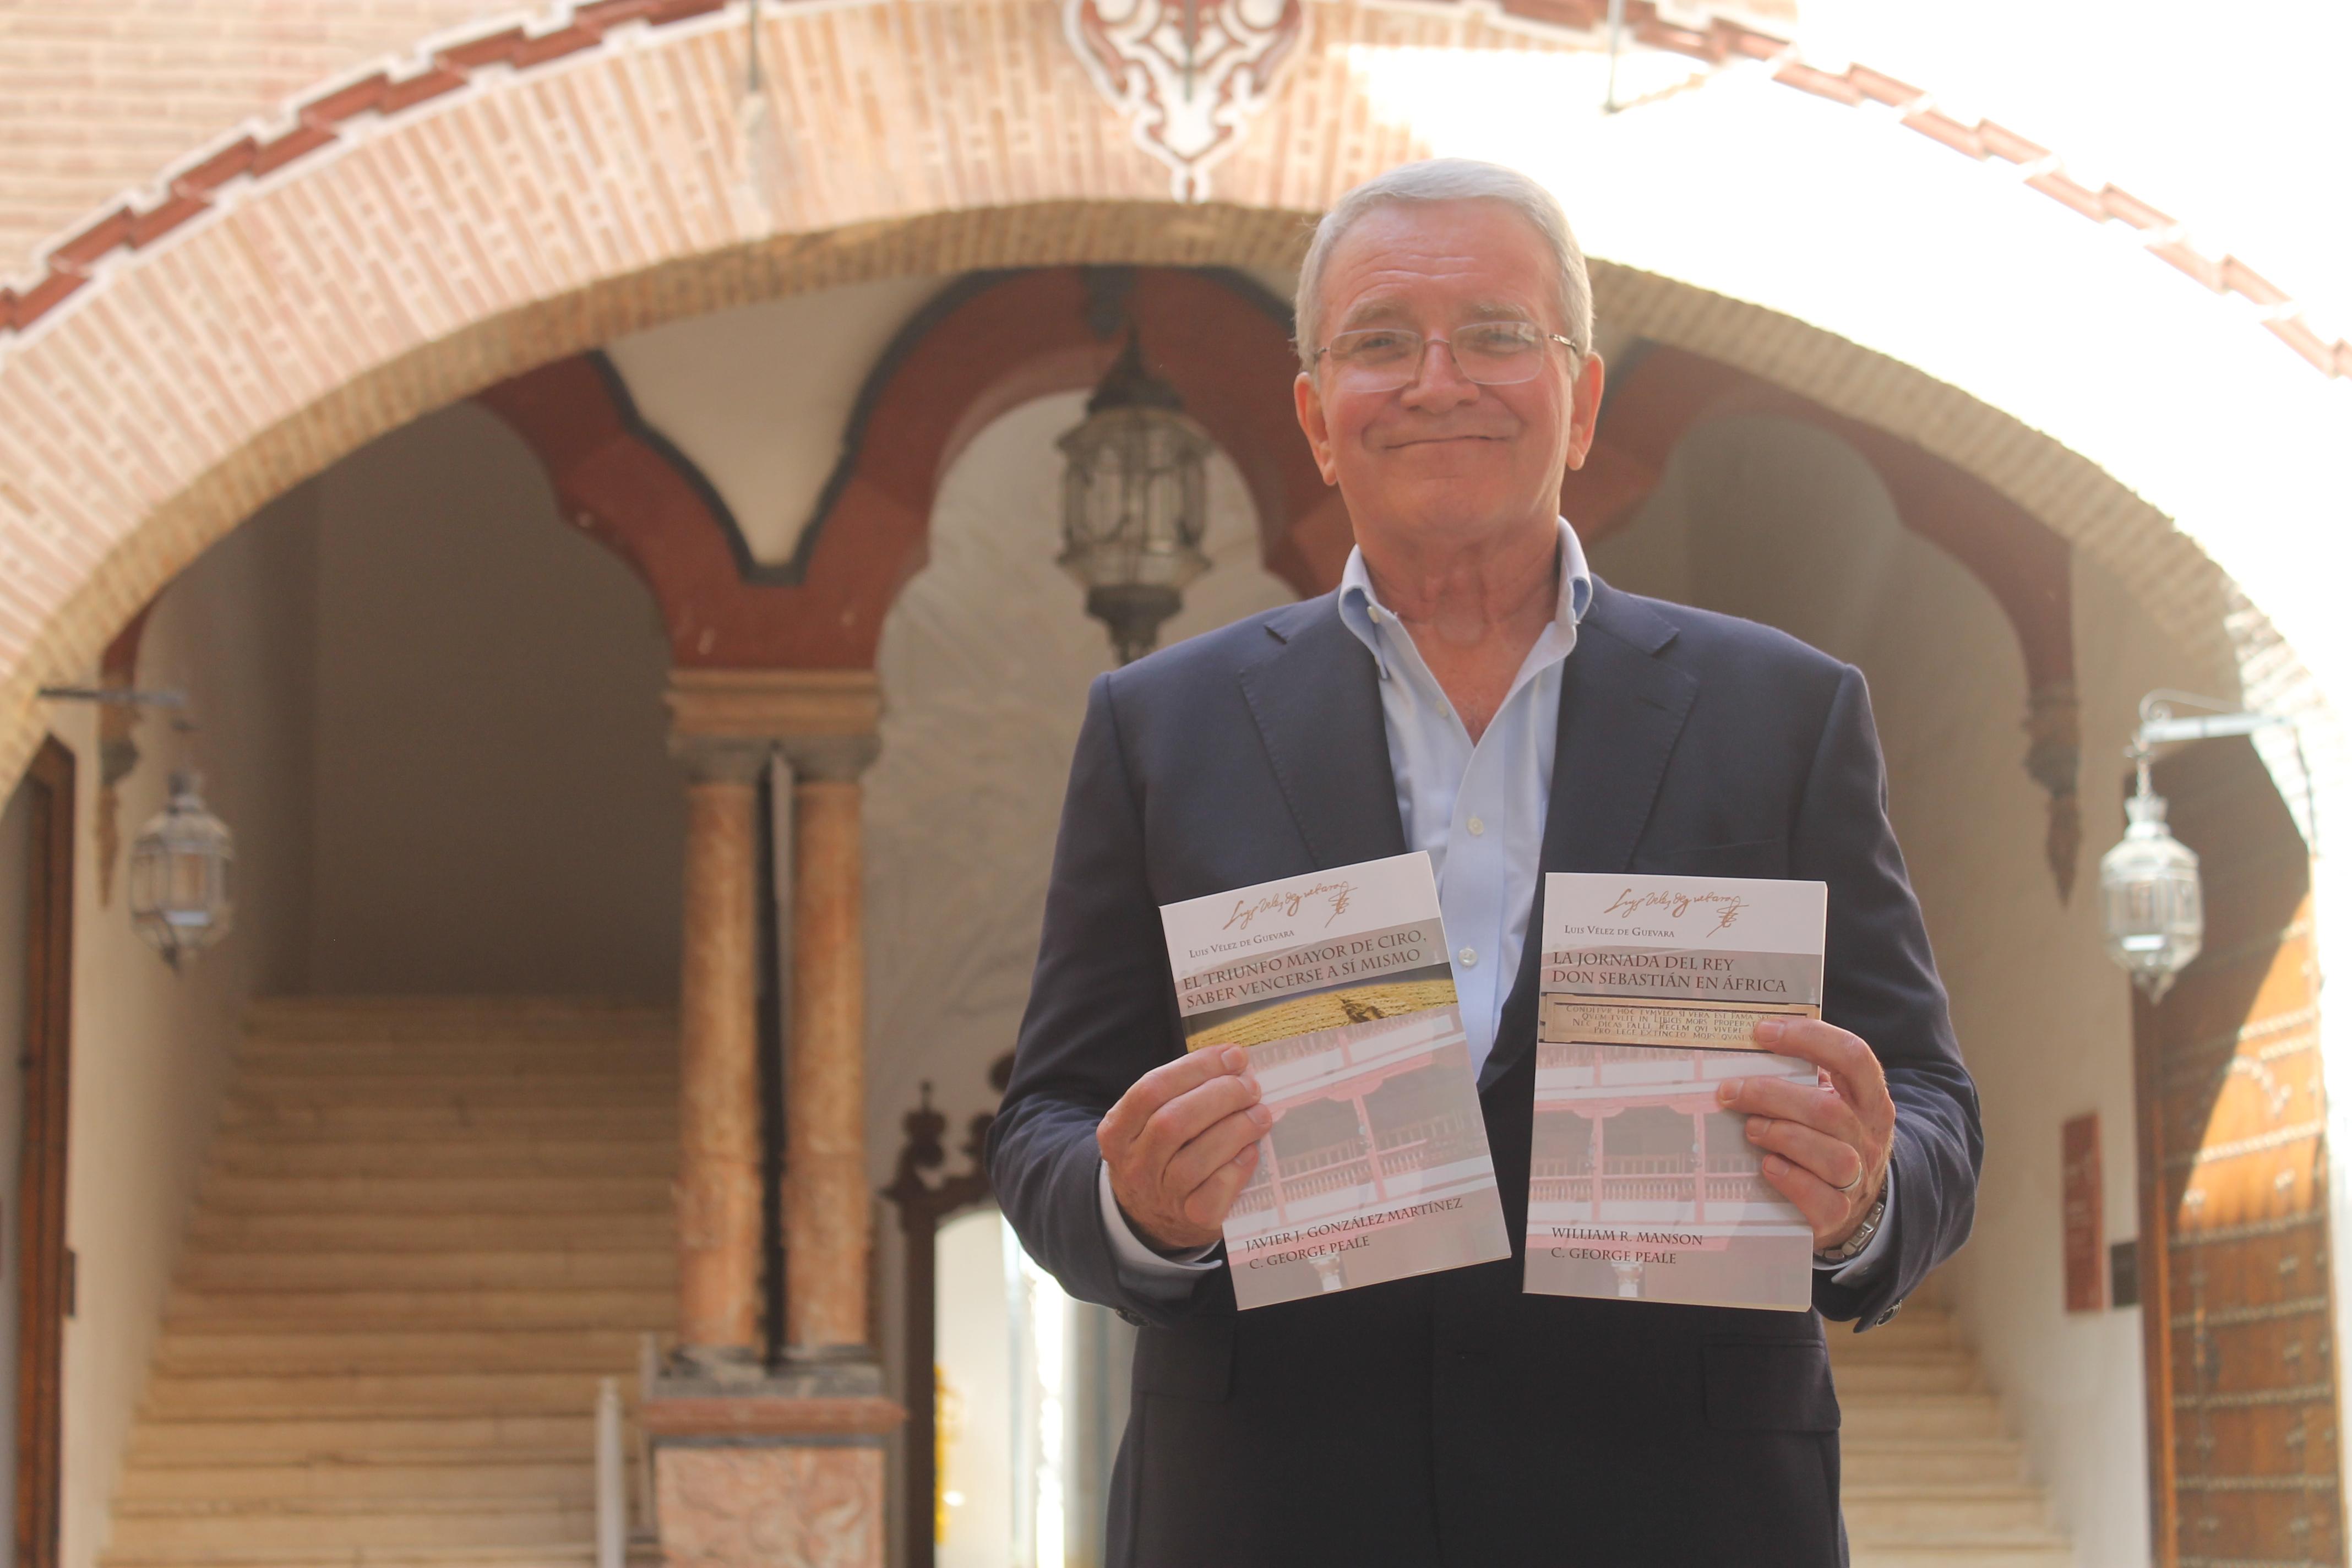 El profesor de la Universidad Estatal de California, Fullerton, George Peale.